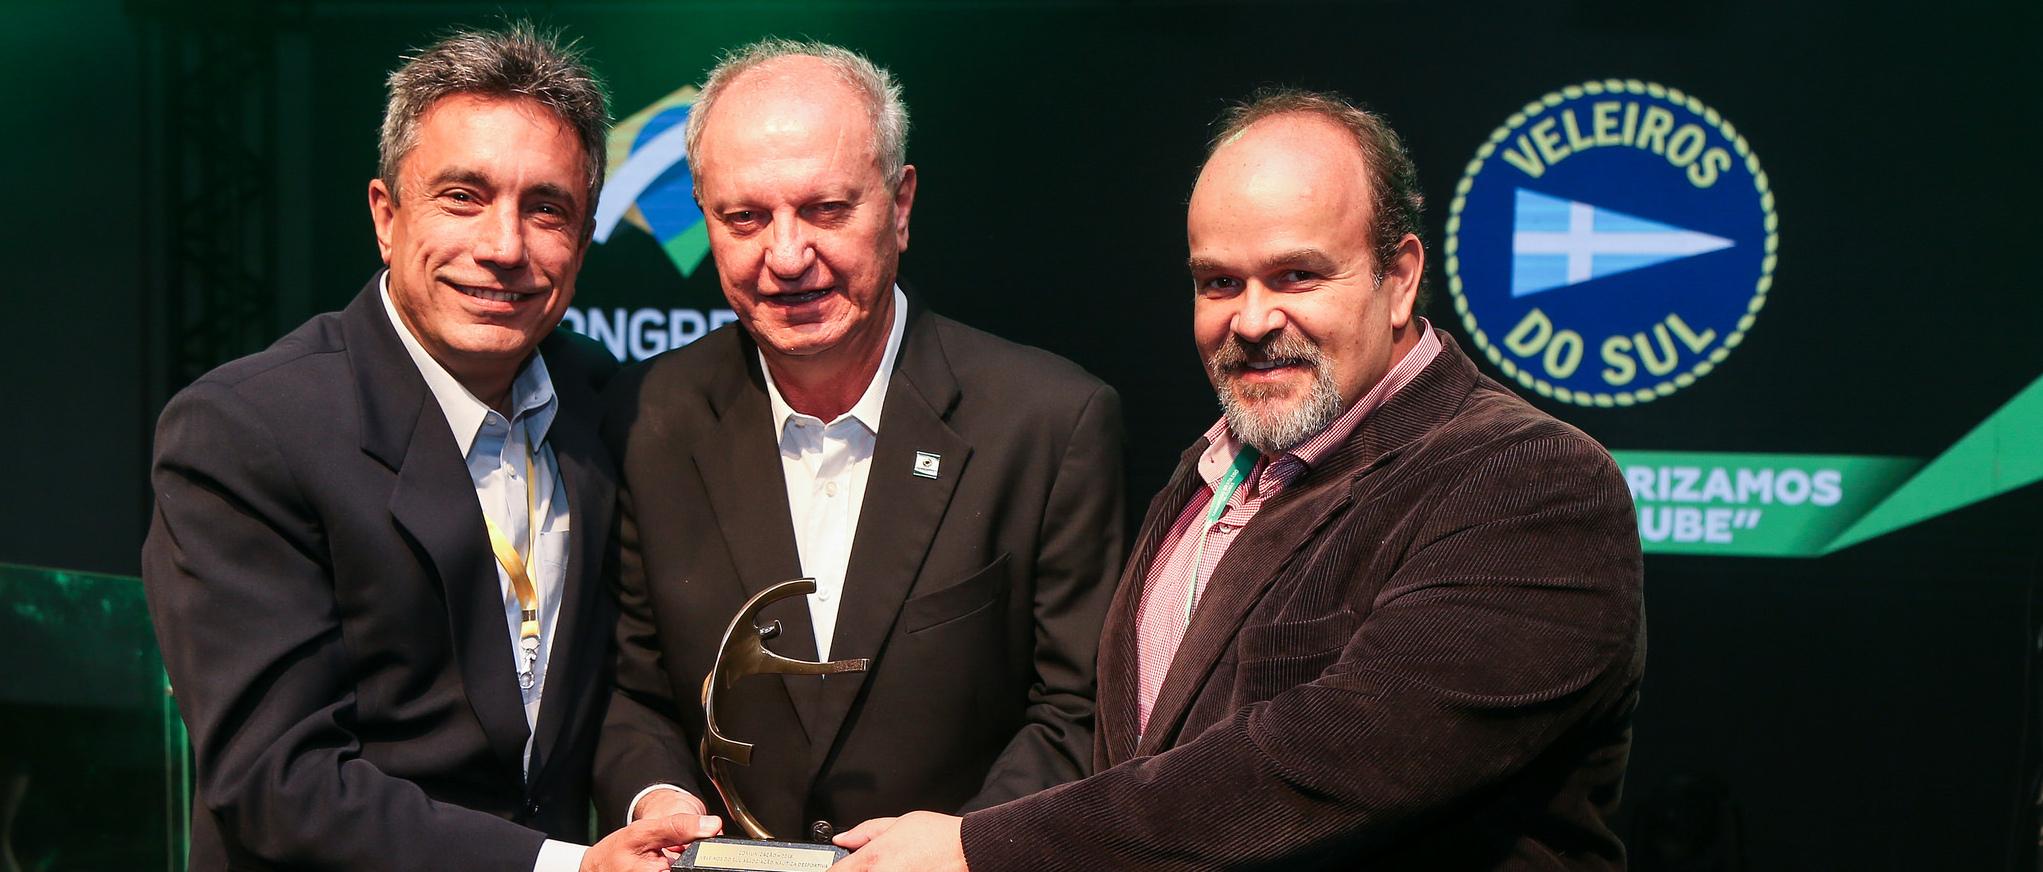 VDS TV recebe o Prêmio FENACLUBES na categoria Comunicação